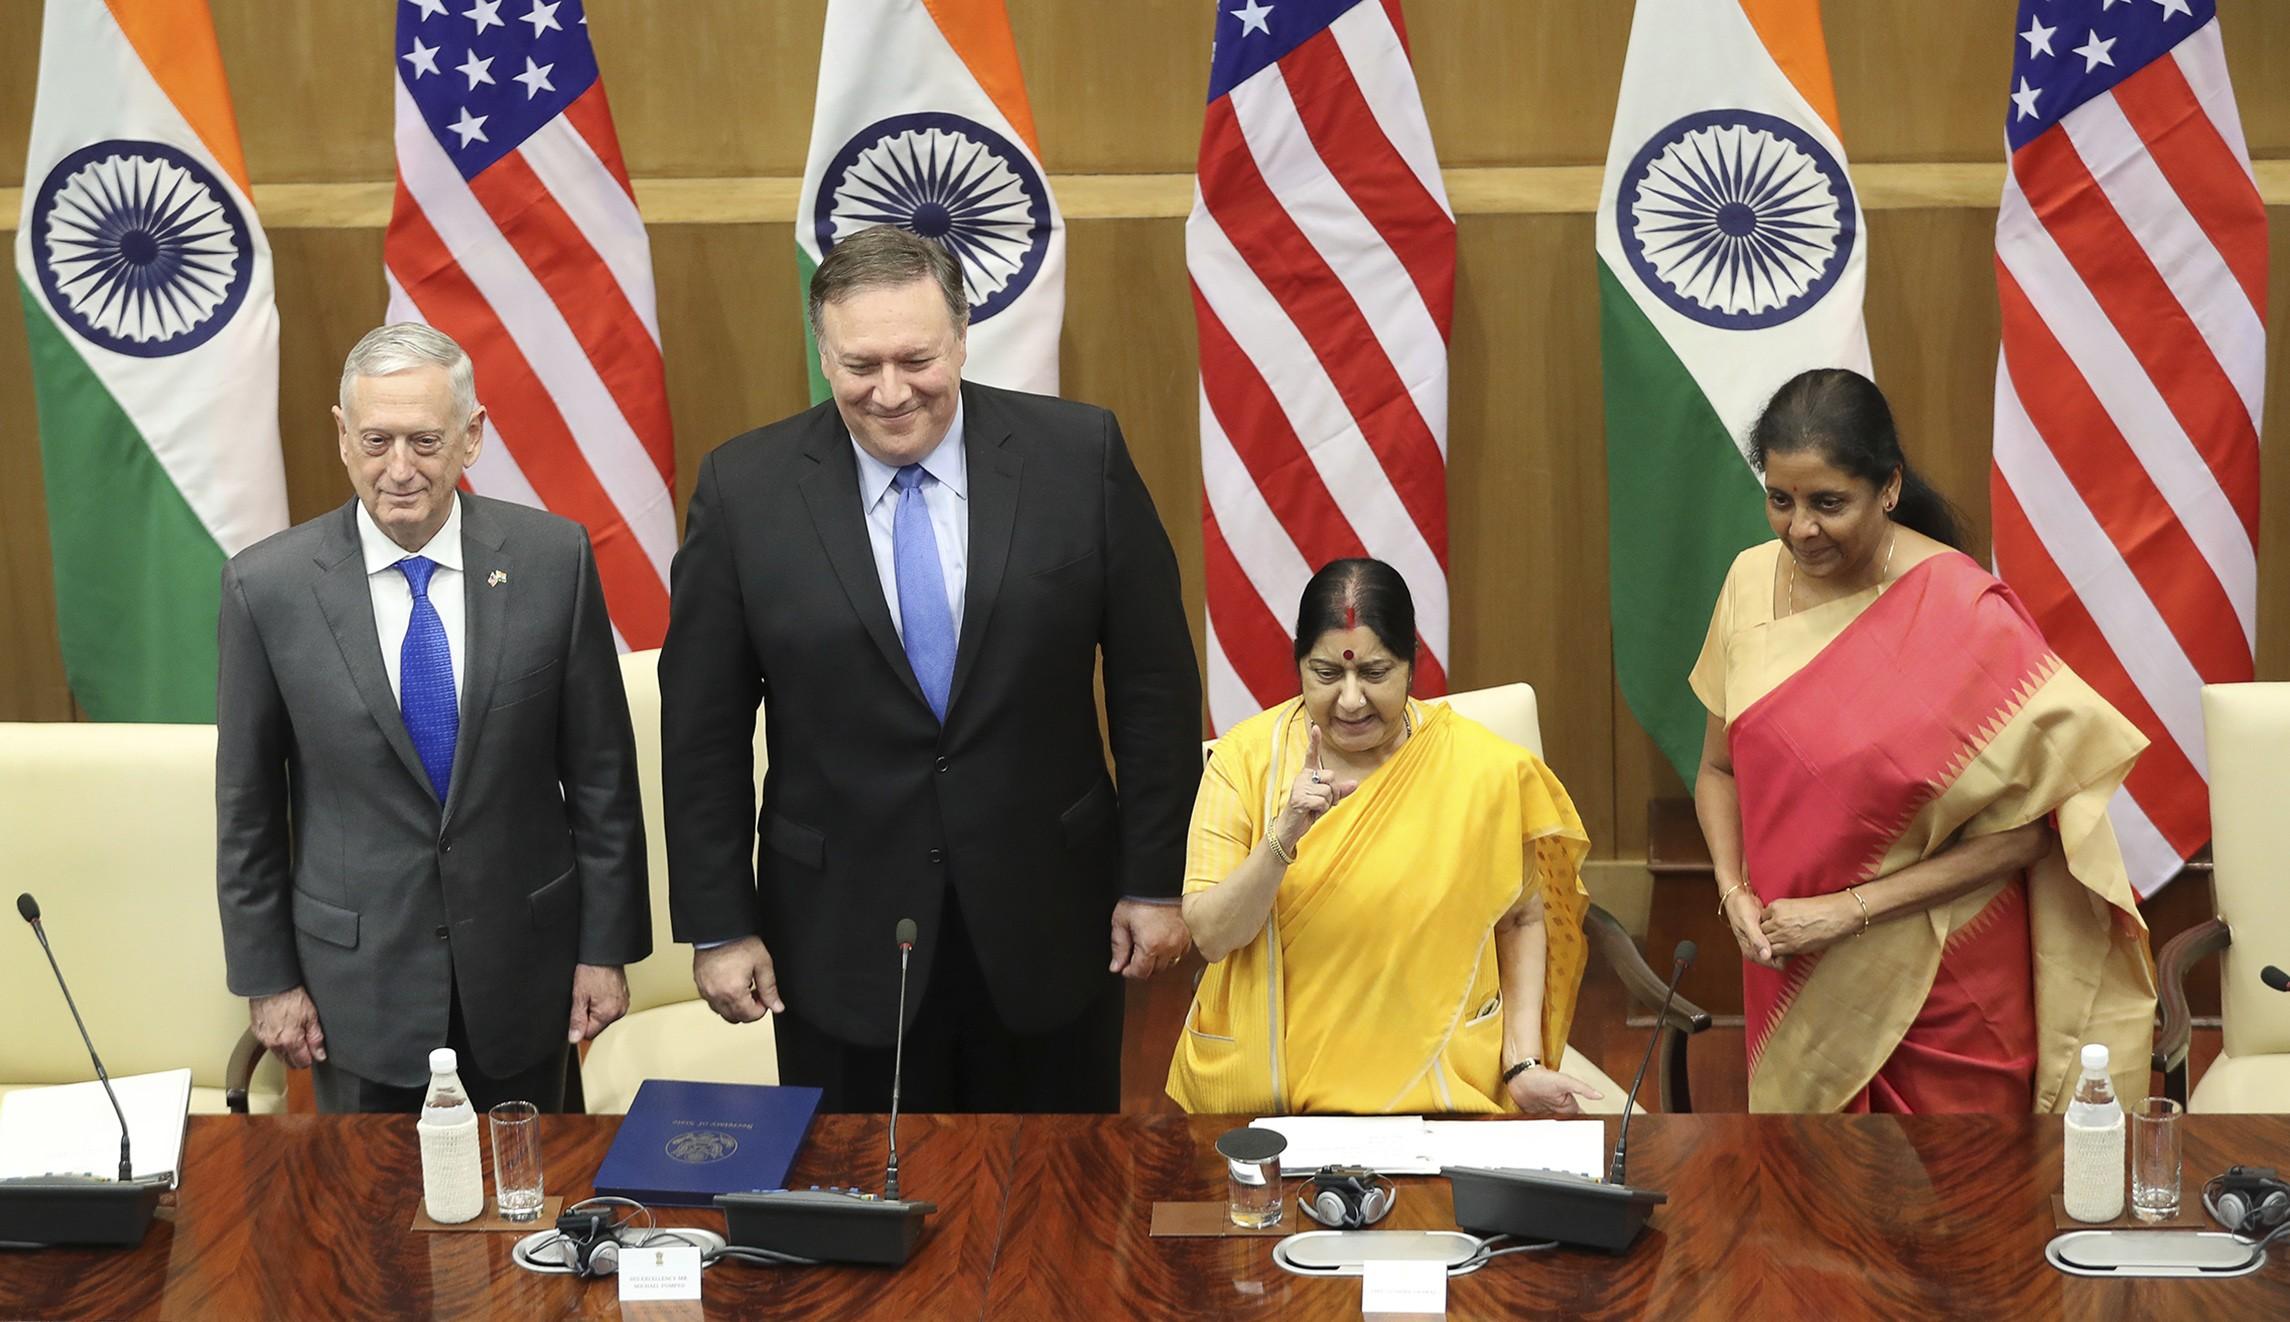 भारत से एक खास रणनीति के तहत रिश्ते सुधार रहा है अमरीका